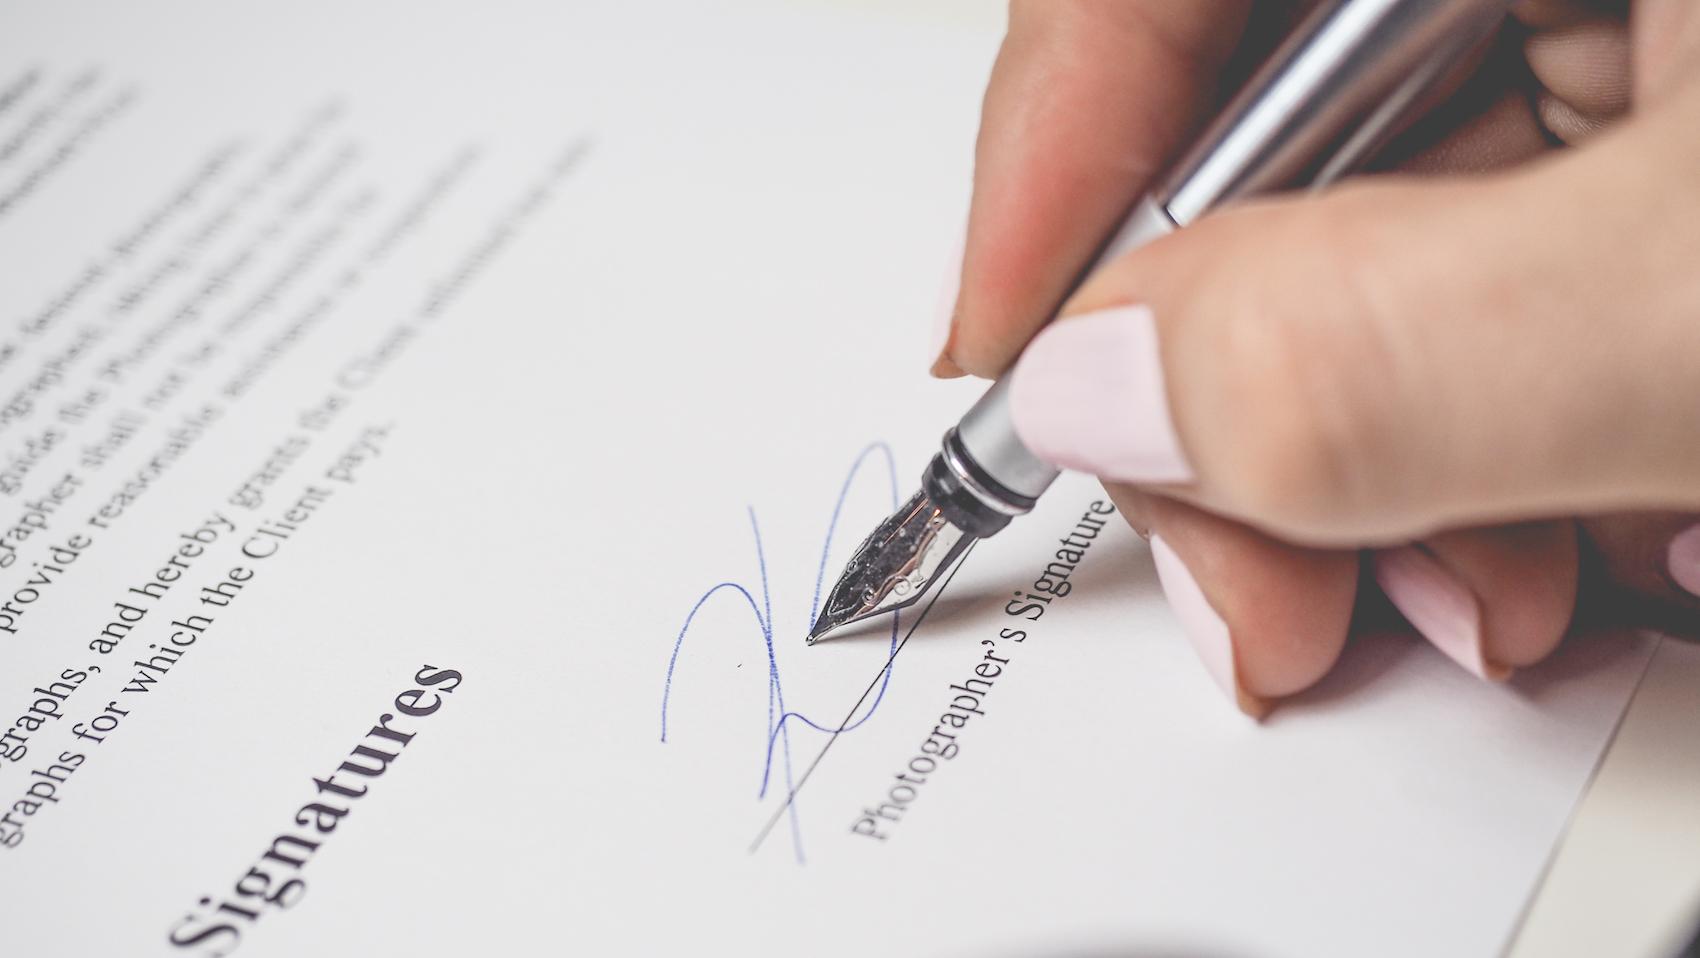 Signer un acte authentique électronique